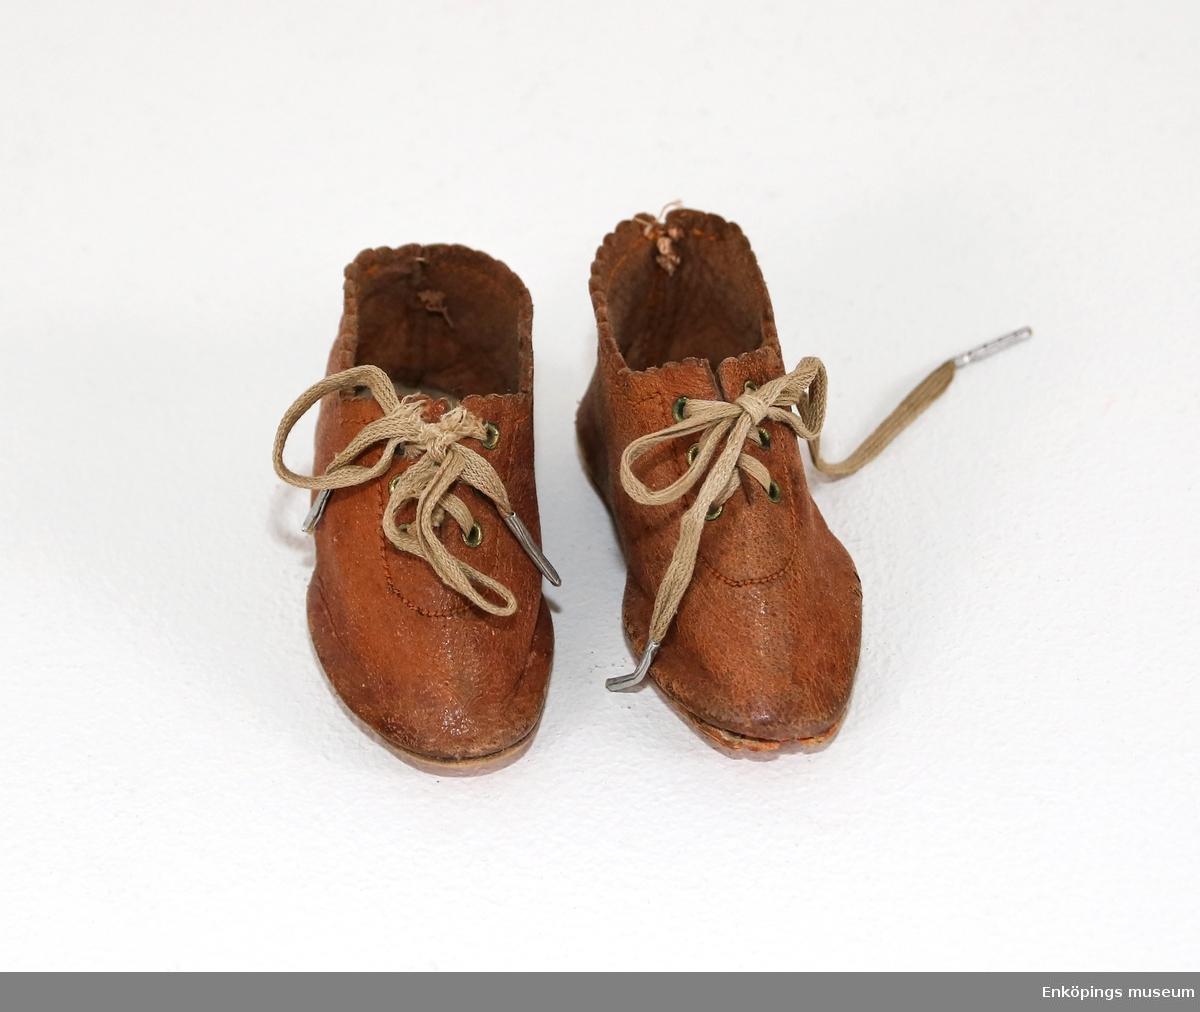 Docksko av läder med knytning.